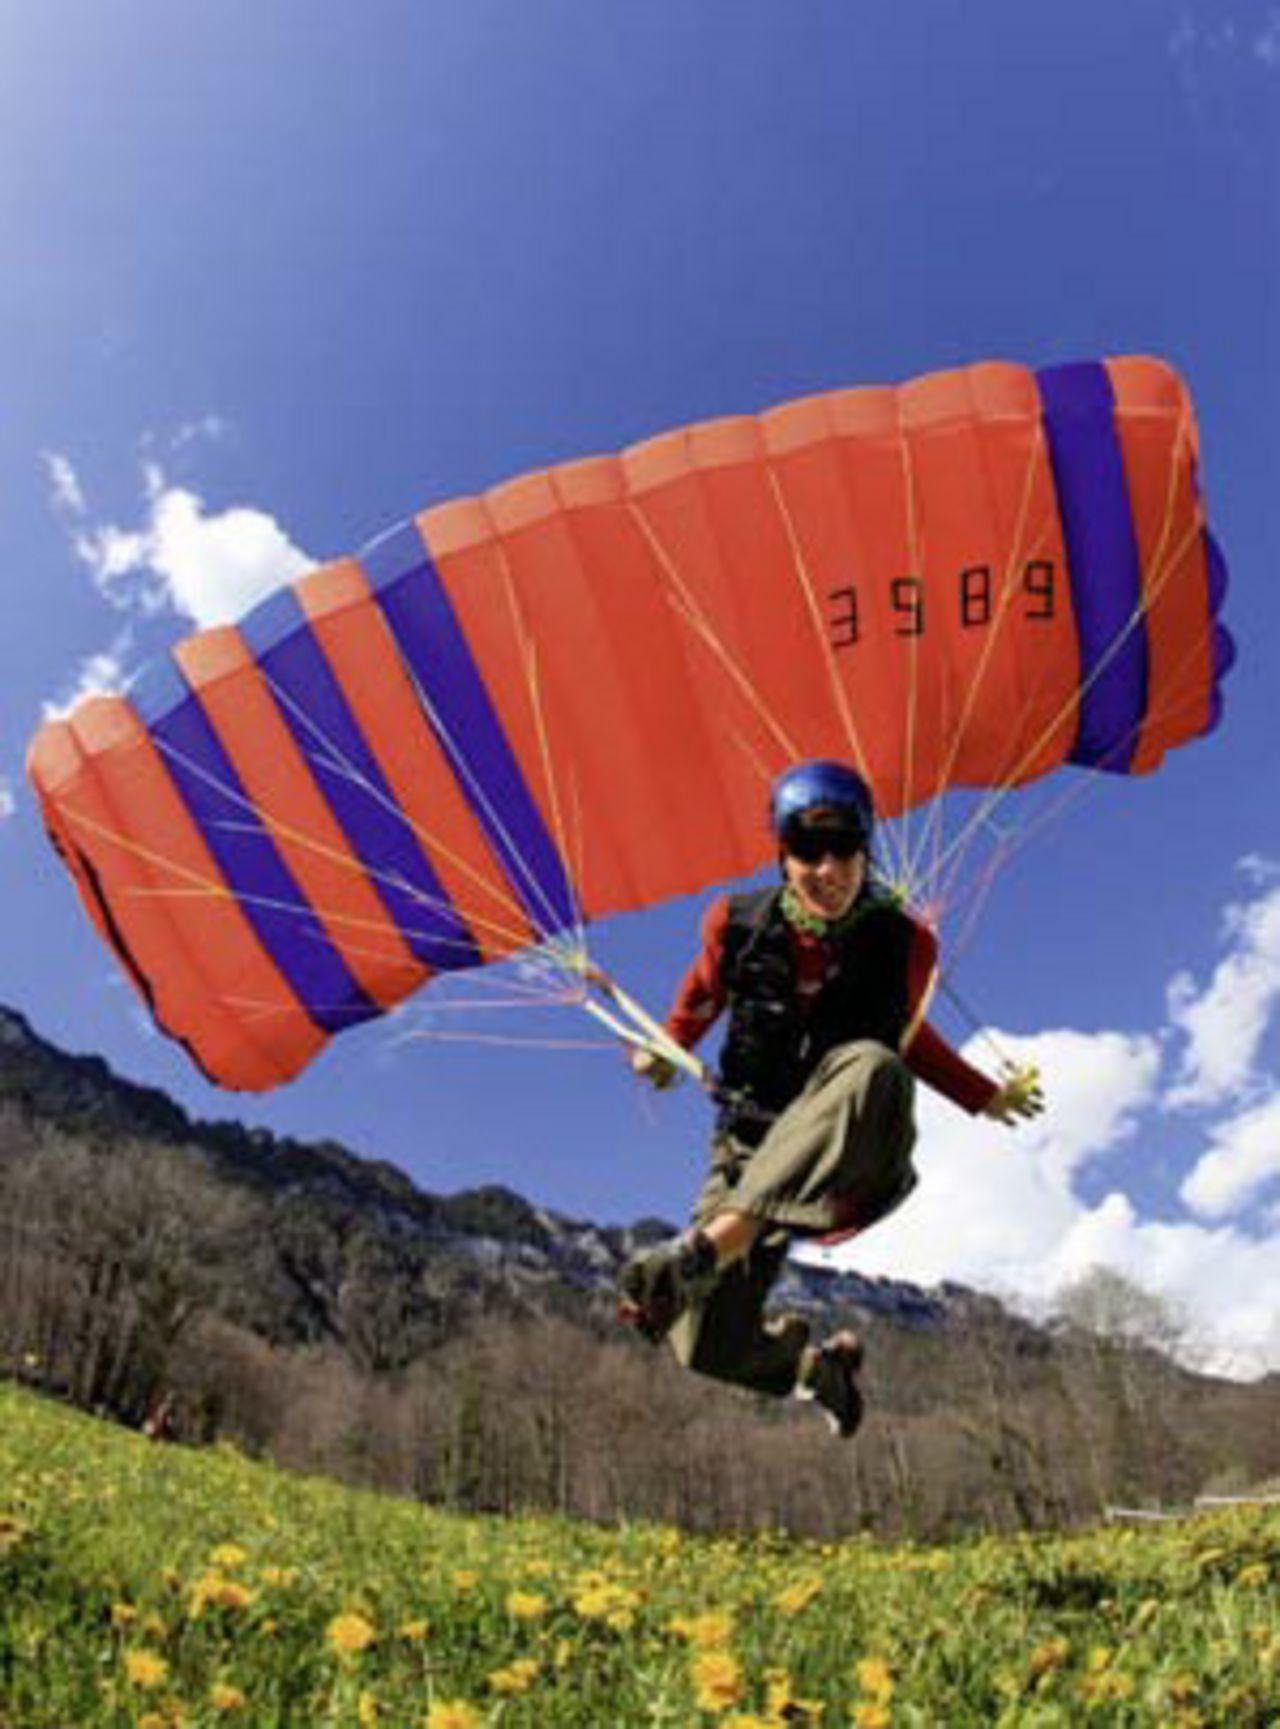 utilisation durable mode la plus désirable styles frais Randonner et voler, ou quand le rêve devient réalité - Les ...